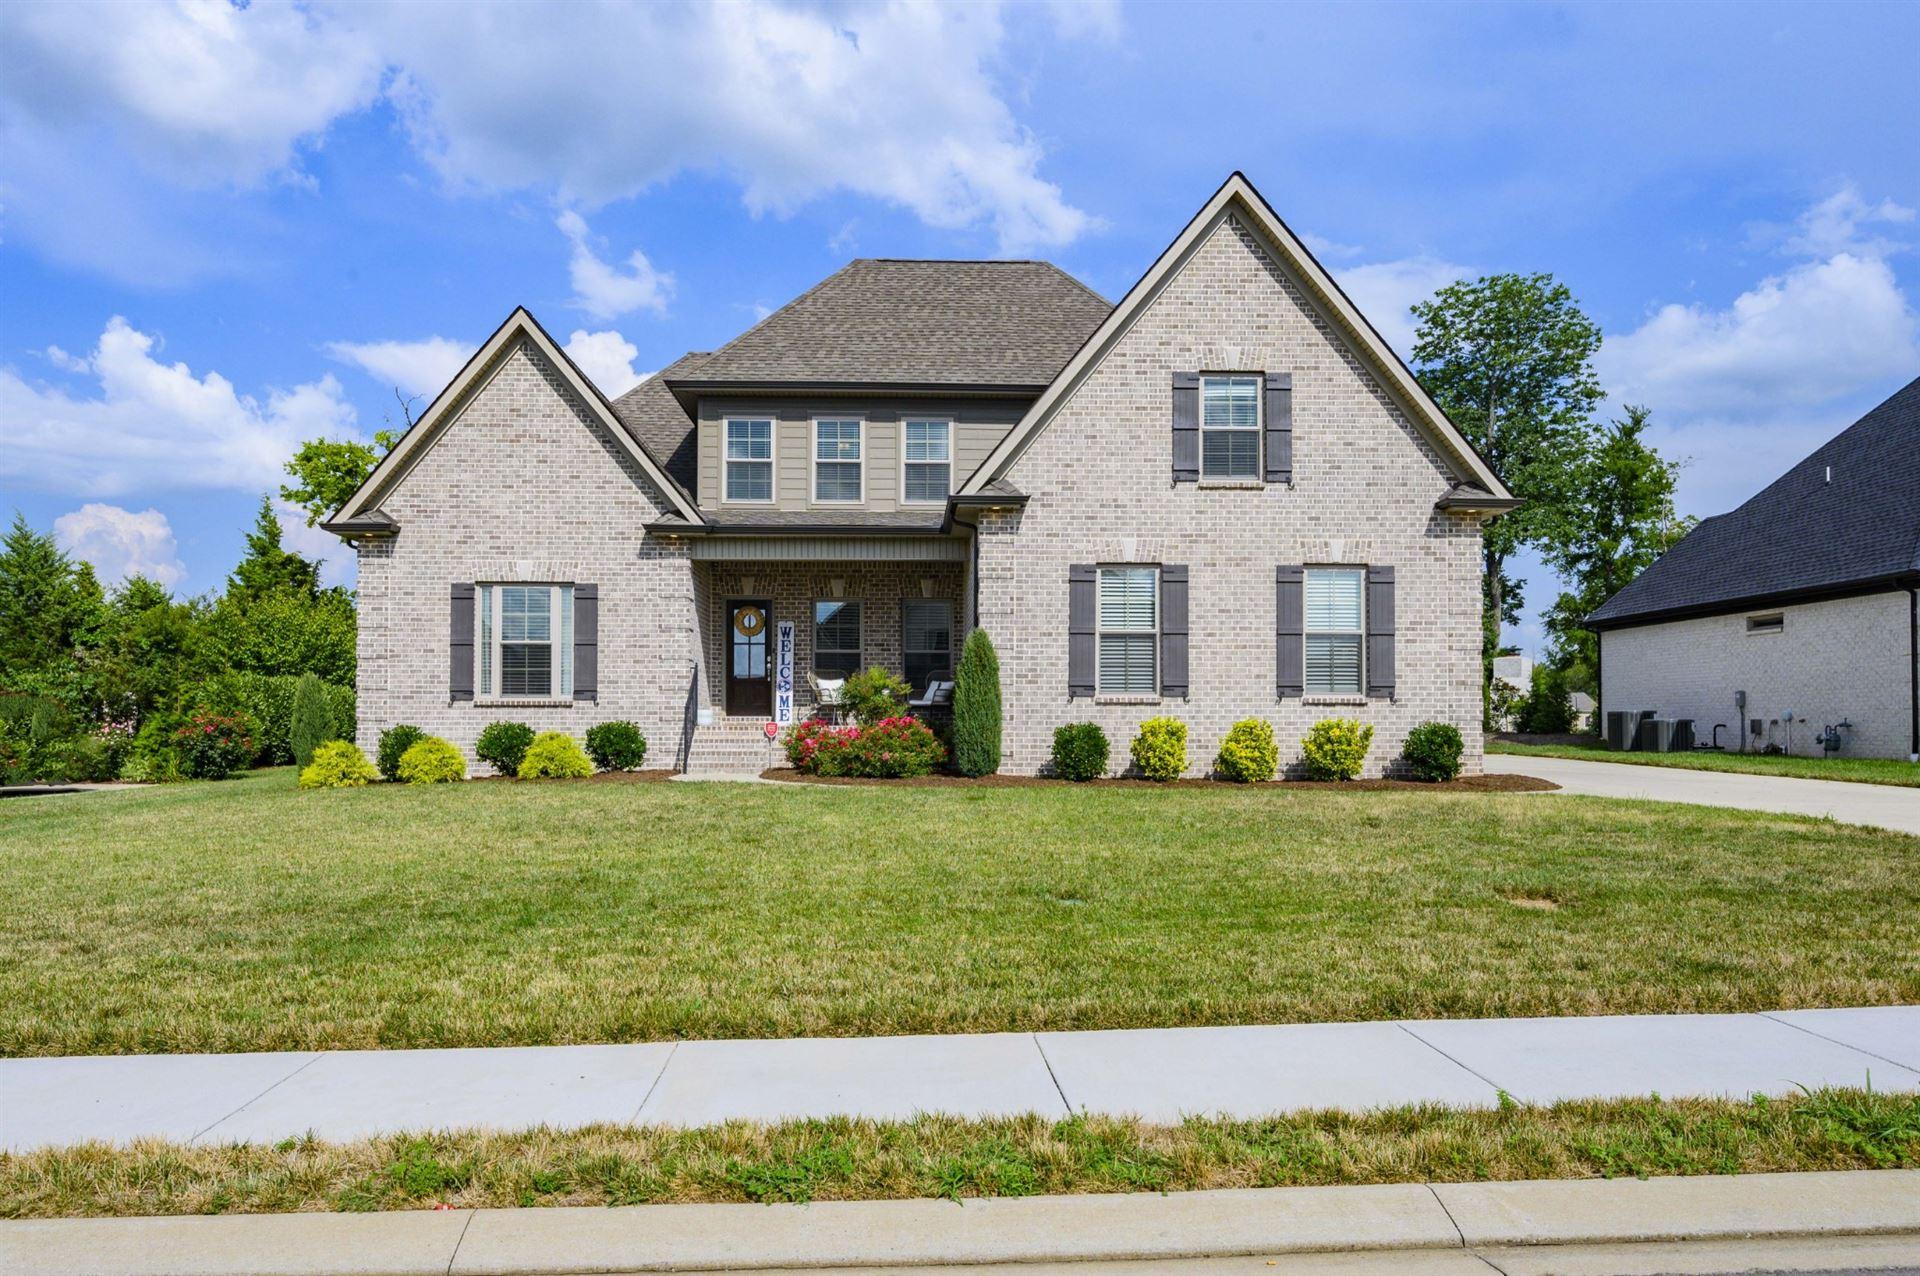 2807 Presley Dr, Murfreesboro, TN 37128 - MLS#: 2292558